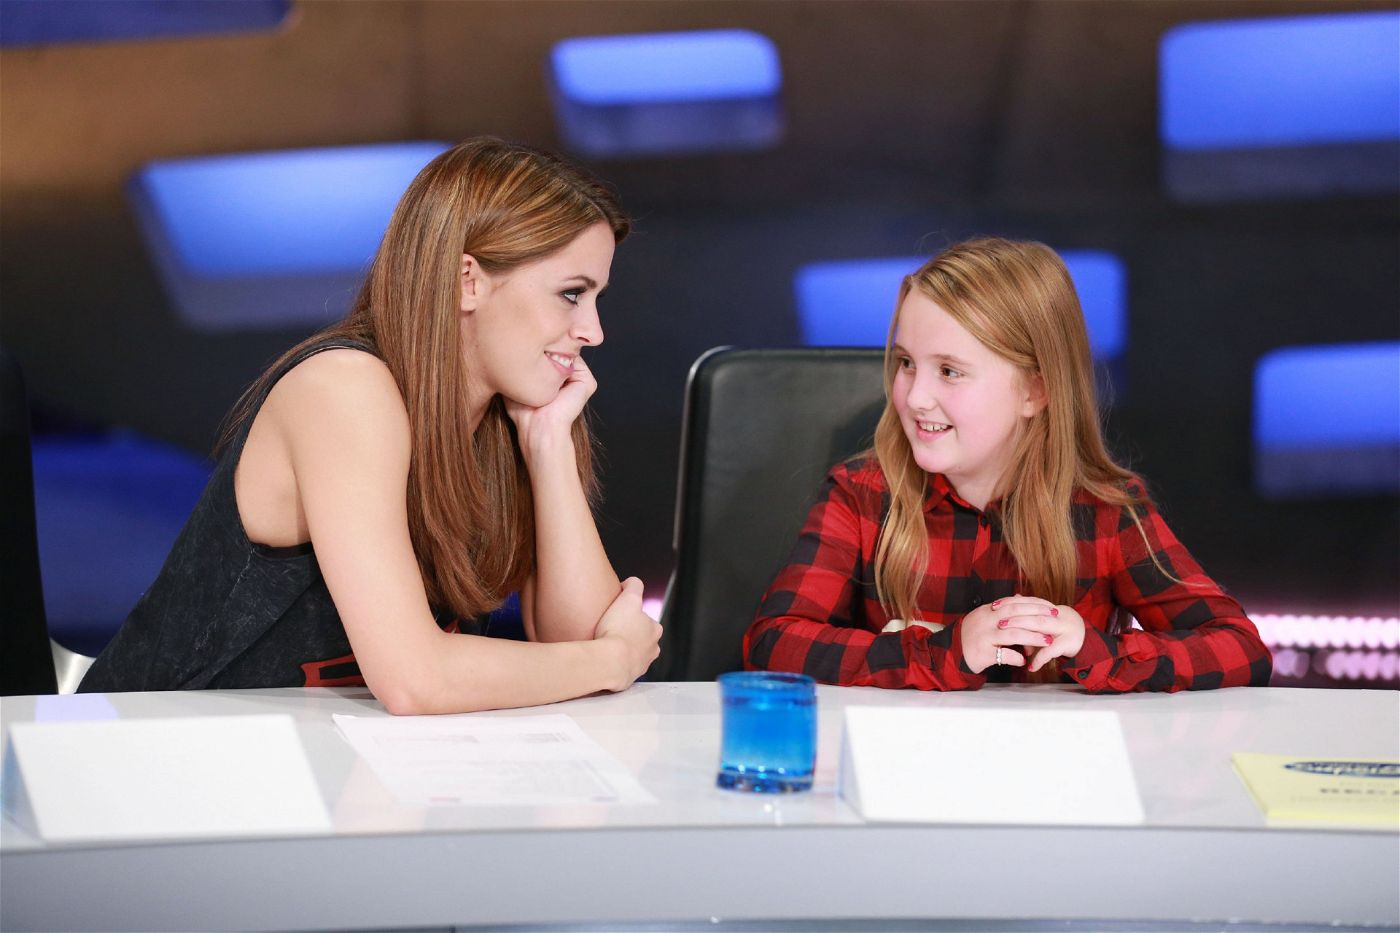 """""""Ich glaube, Nico wird überzeugen, weil er der beste Sänger der Welt ist"""", erklärt Nicos kleine Schwester Jury-Mitglied Vanessa Mai."""